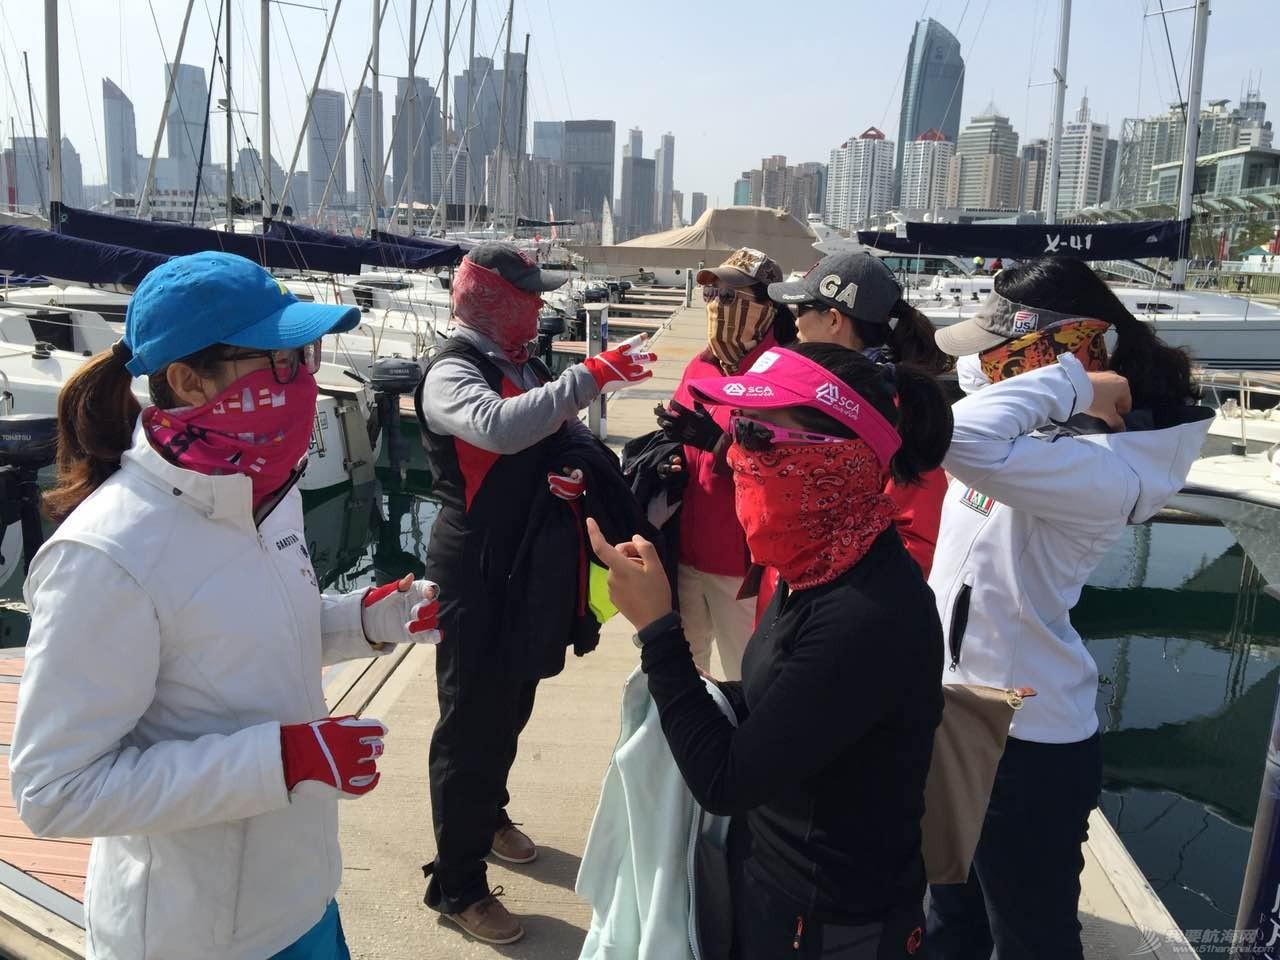 中国女子,退役运动员,联合国,帆船运动,青岛市 中国最牛女子帆船队 IMG_8110.JPG